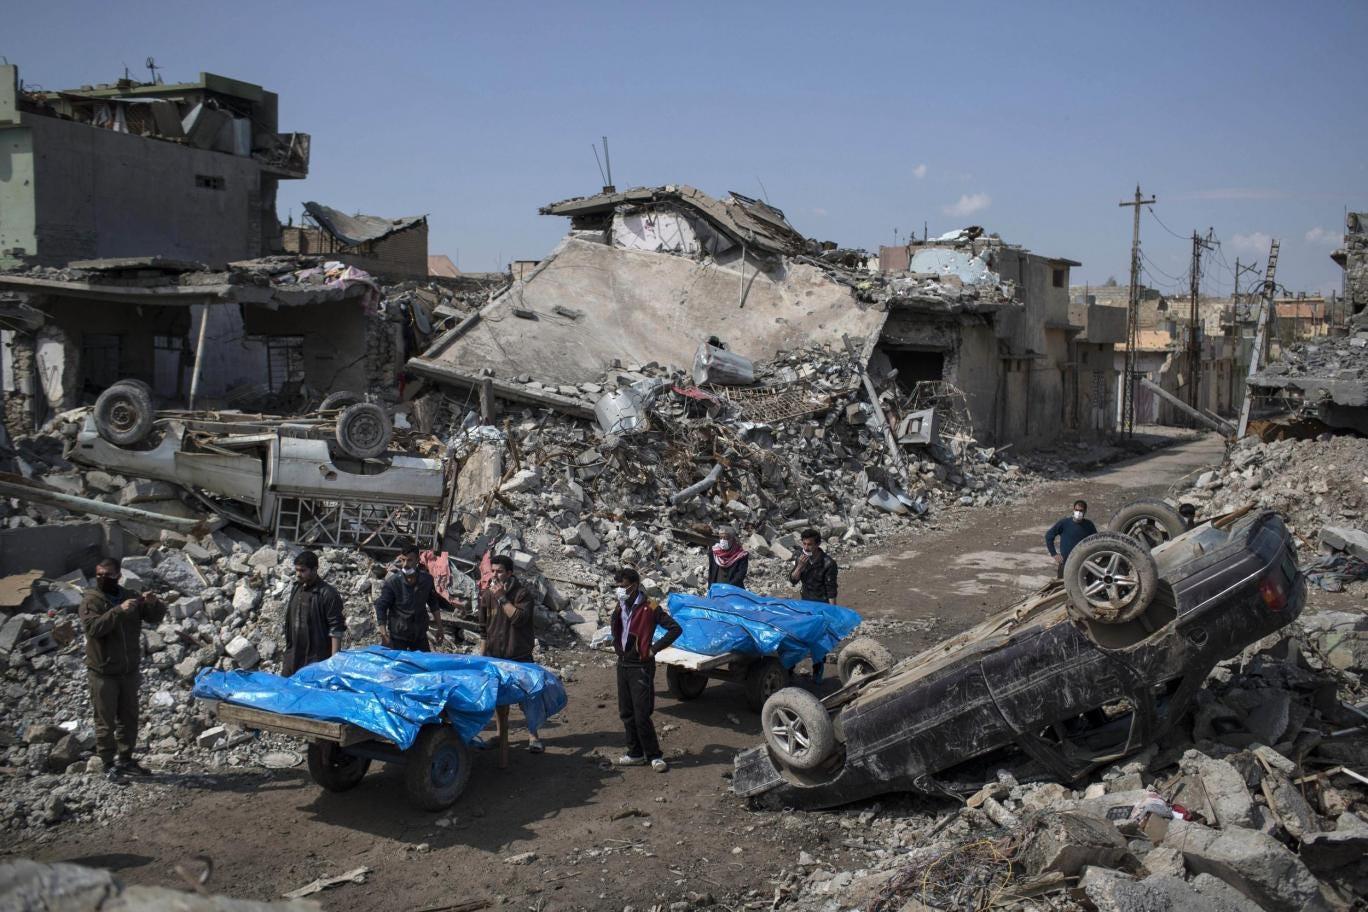 """EUA admitem 'provável' envolvimento da coalizão em morte de """"mais de 130 civis"""" em Mossul no Iraque"""